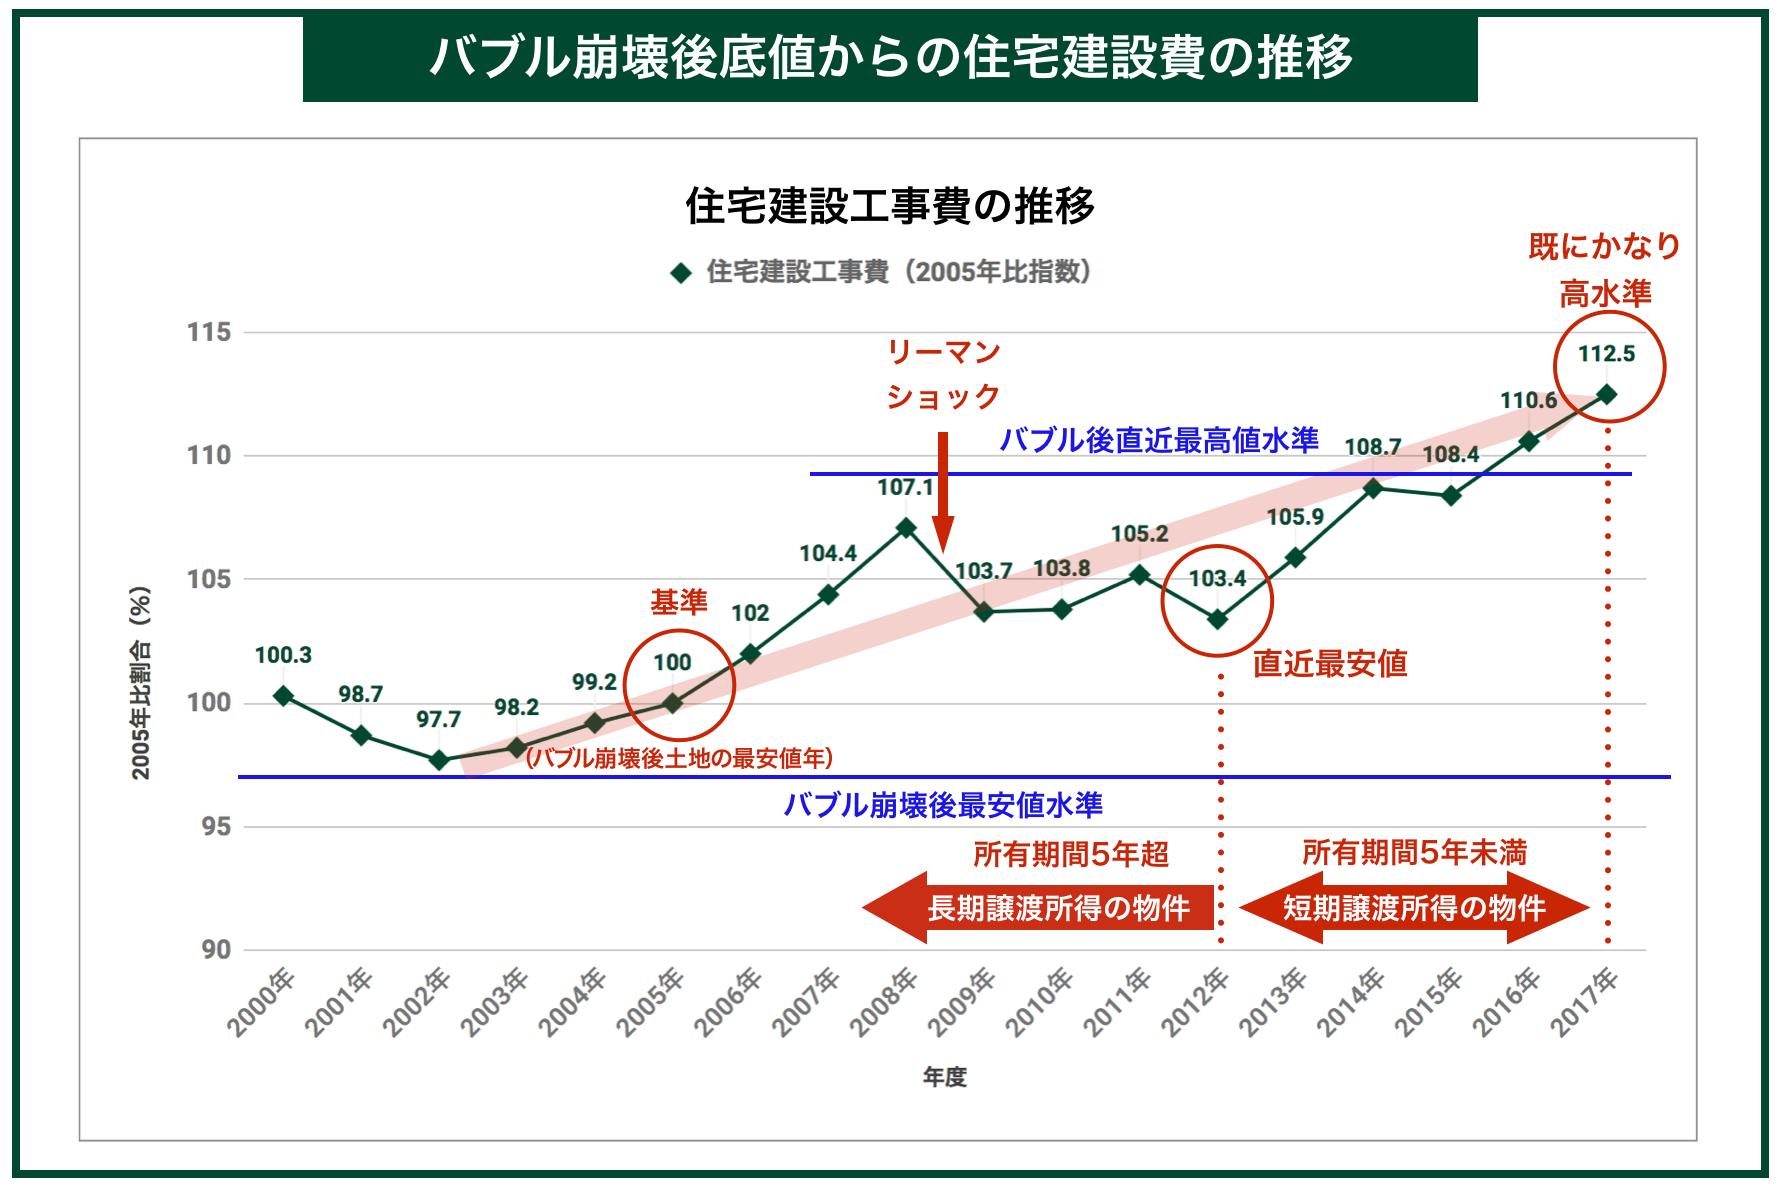 バブル崩壊後底値からの住宅建設費の推移